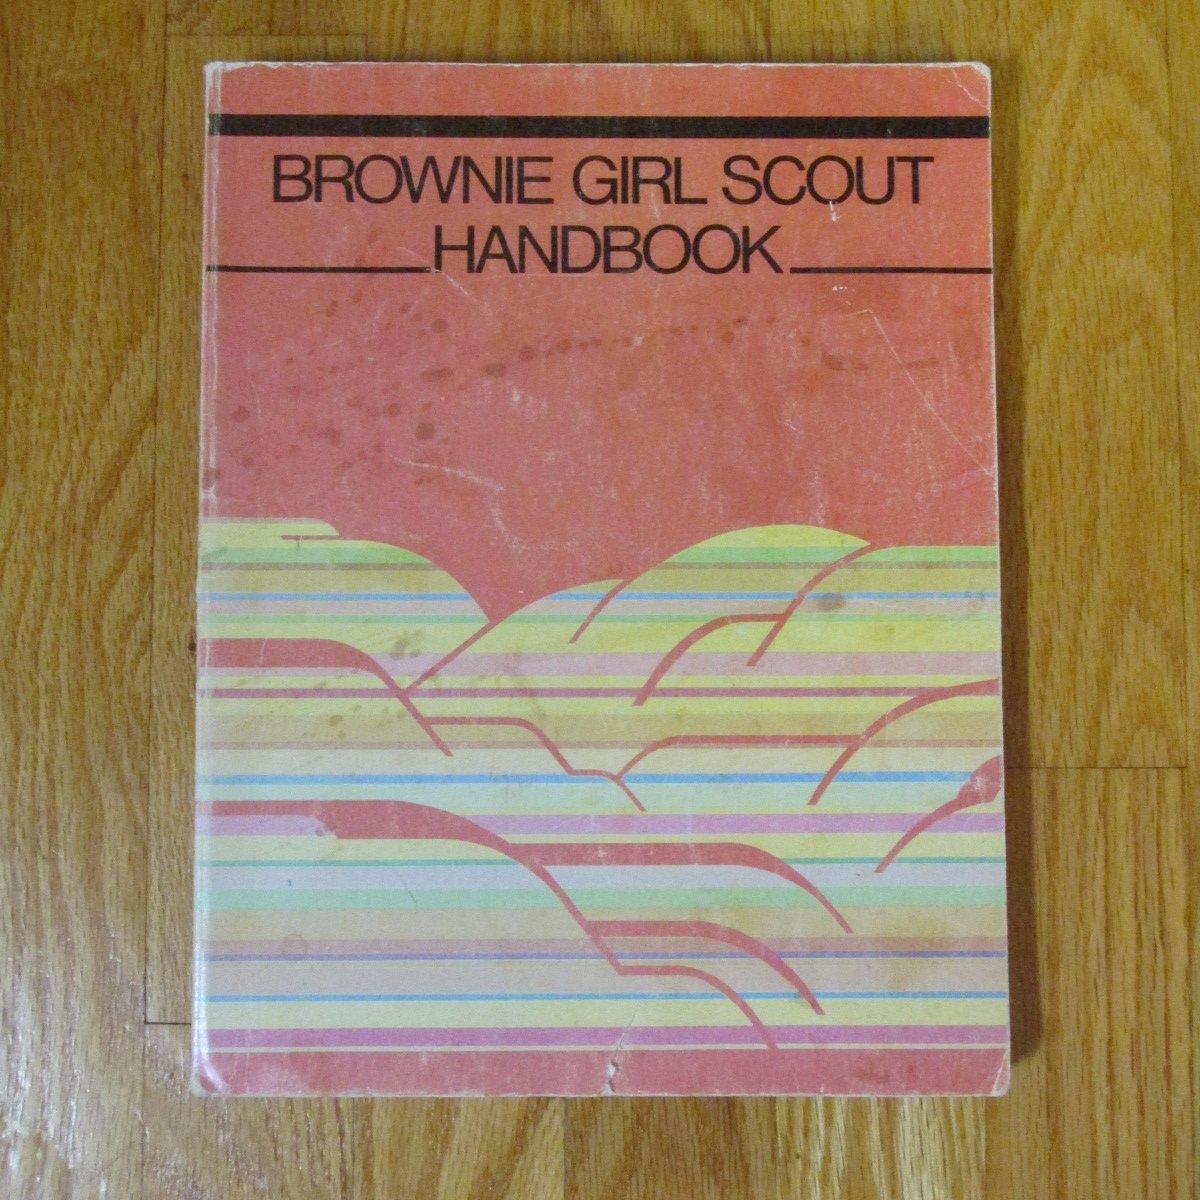 BROWNIE GIRL SCOUT HANDBOOK 1986